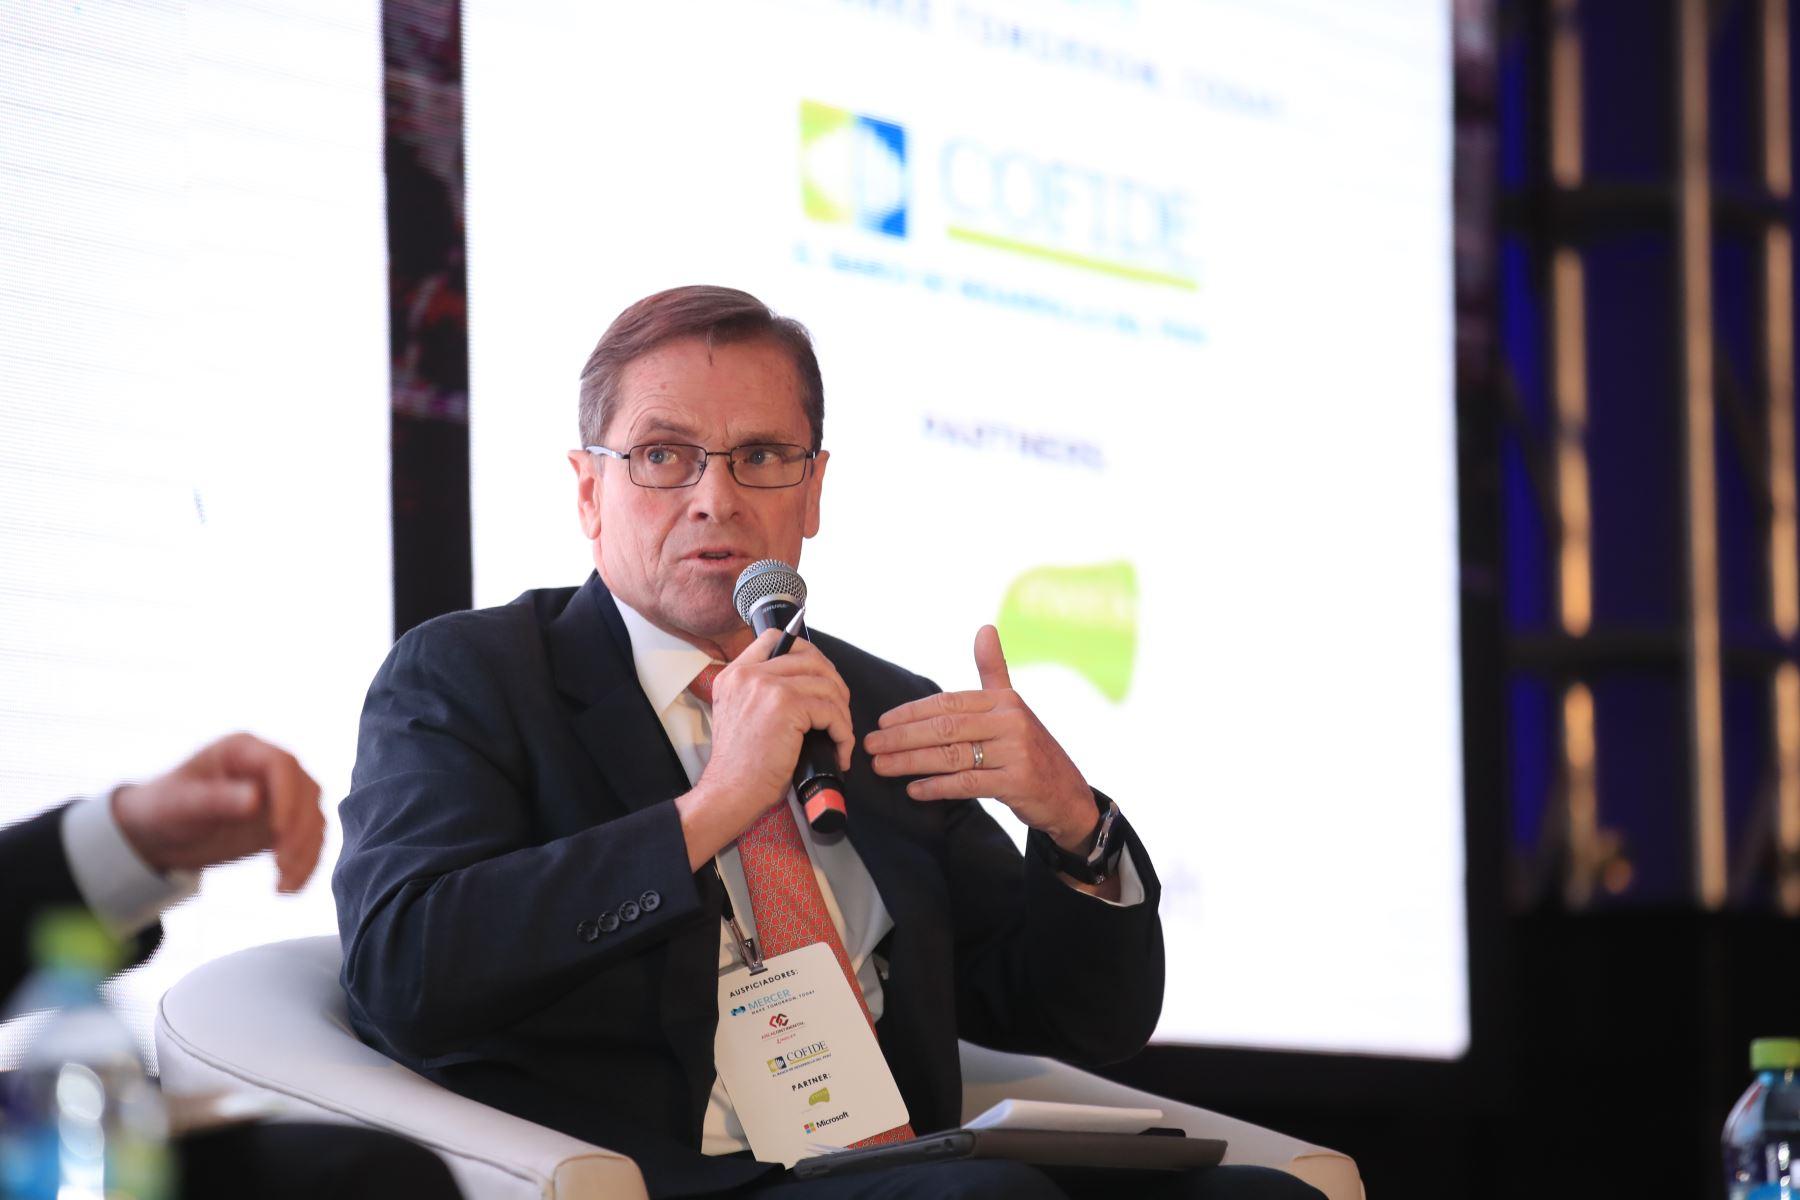 Carlos Neuhaus, presidente de COPAL,  durante su exposición en el foro: Perú CEO Impact Summit        Agencia Andina/Juan Carlos Guzman Negrini